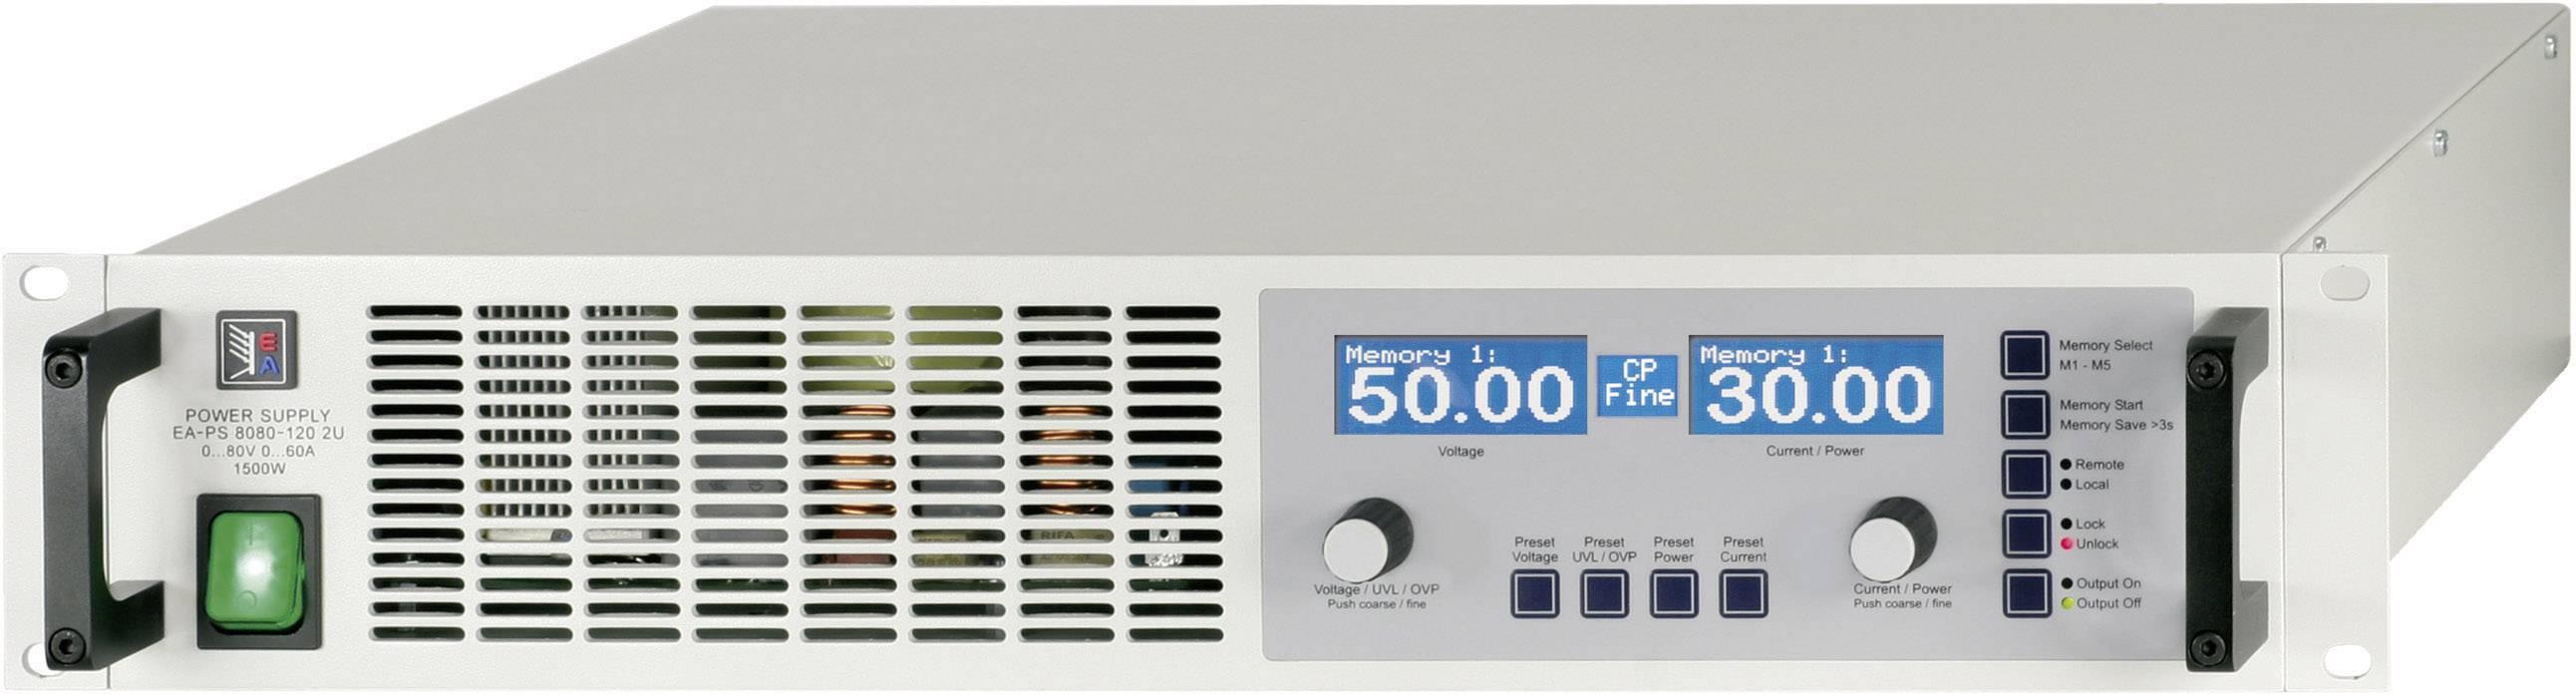 Regulovatelný laboratorní zdroj EA-PS 8360-30 2U, 0 - 360 V/DC, 0 - 30 A, 3000 W